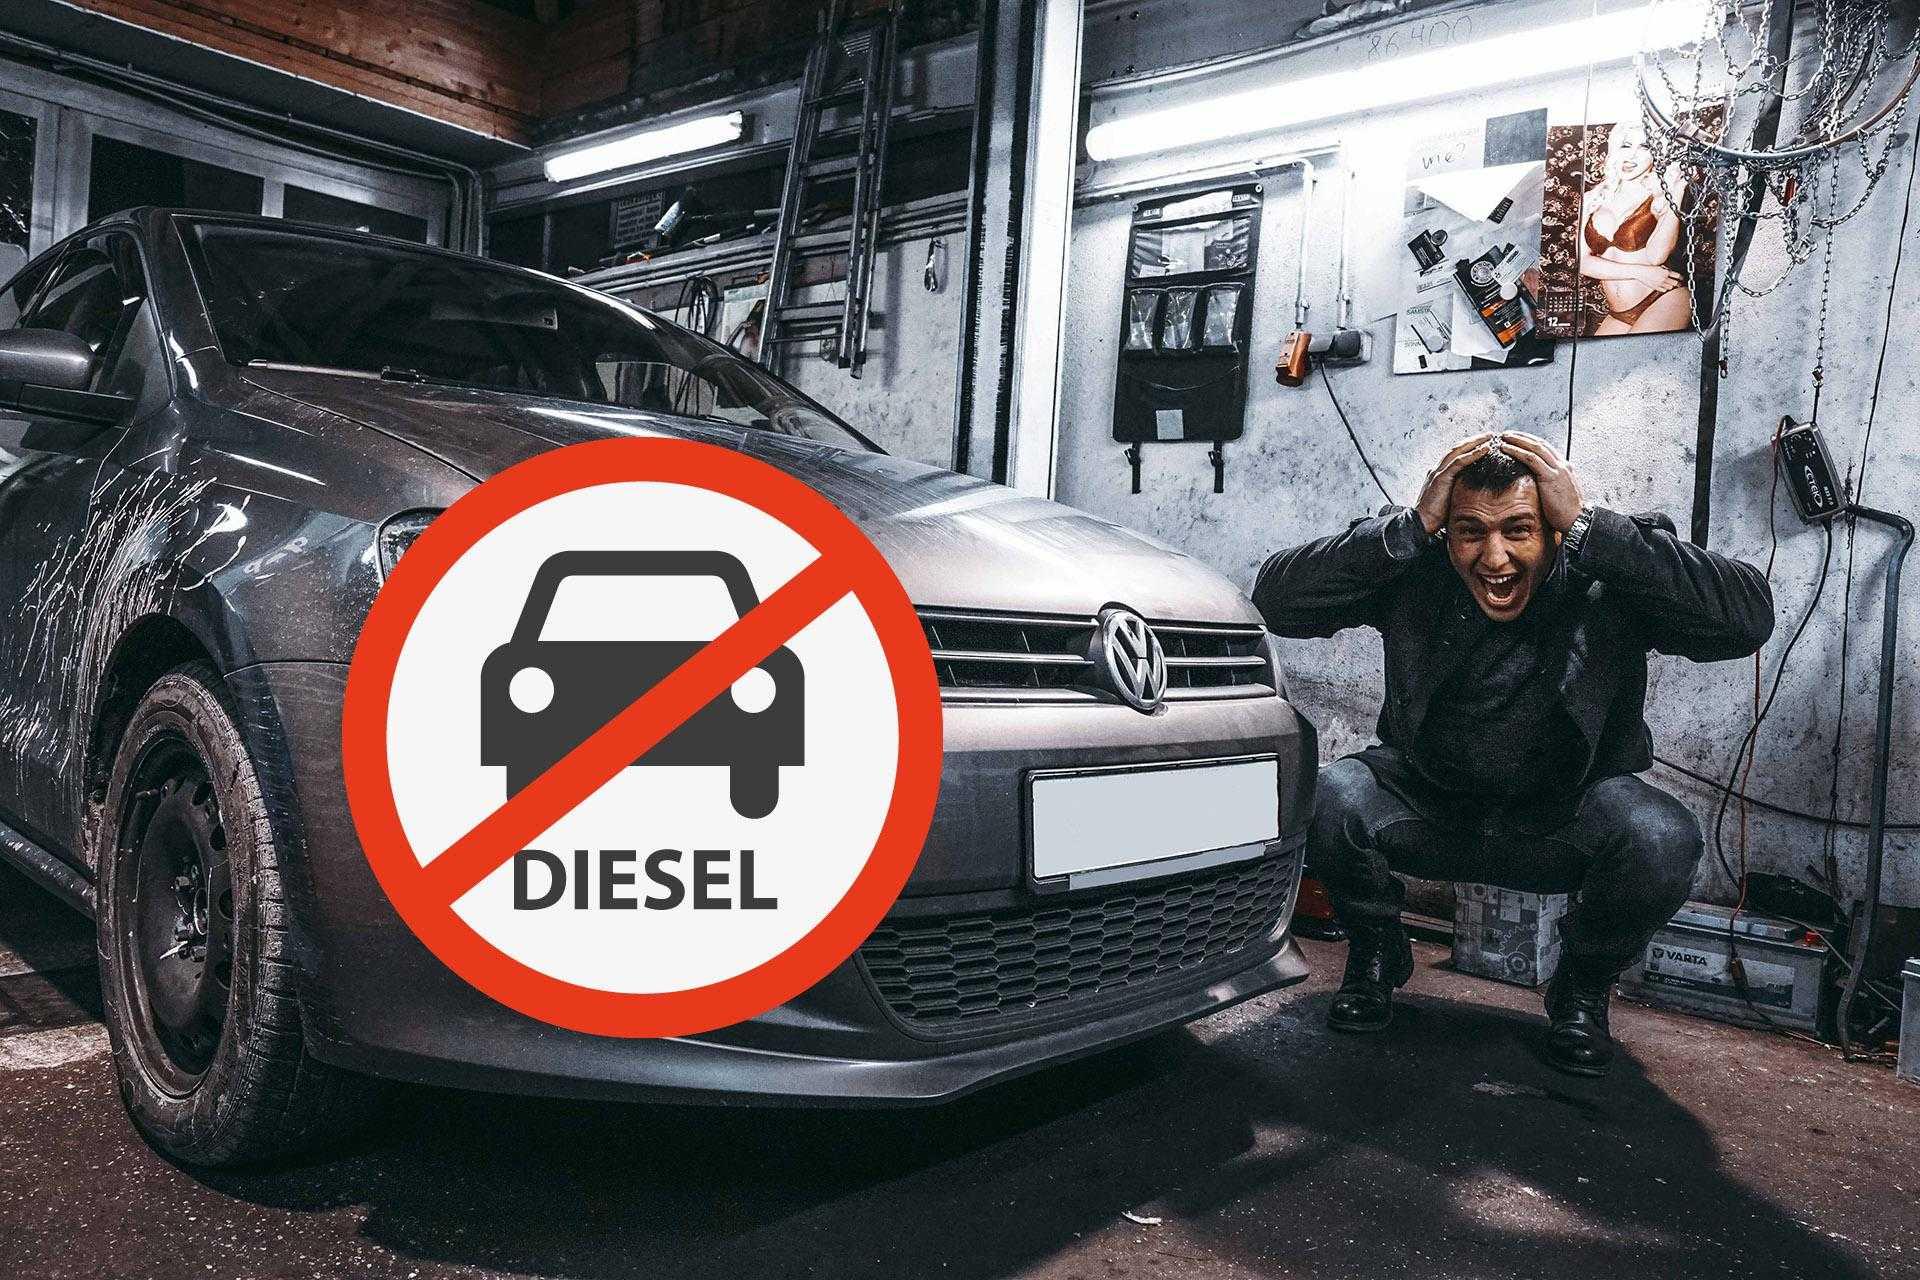 Запрет дизеля в Германии